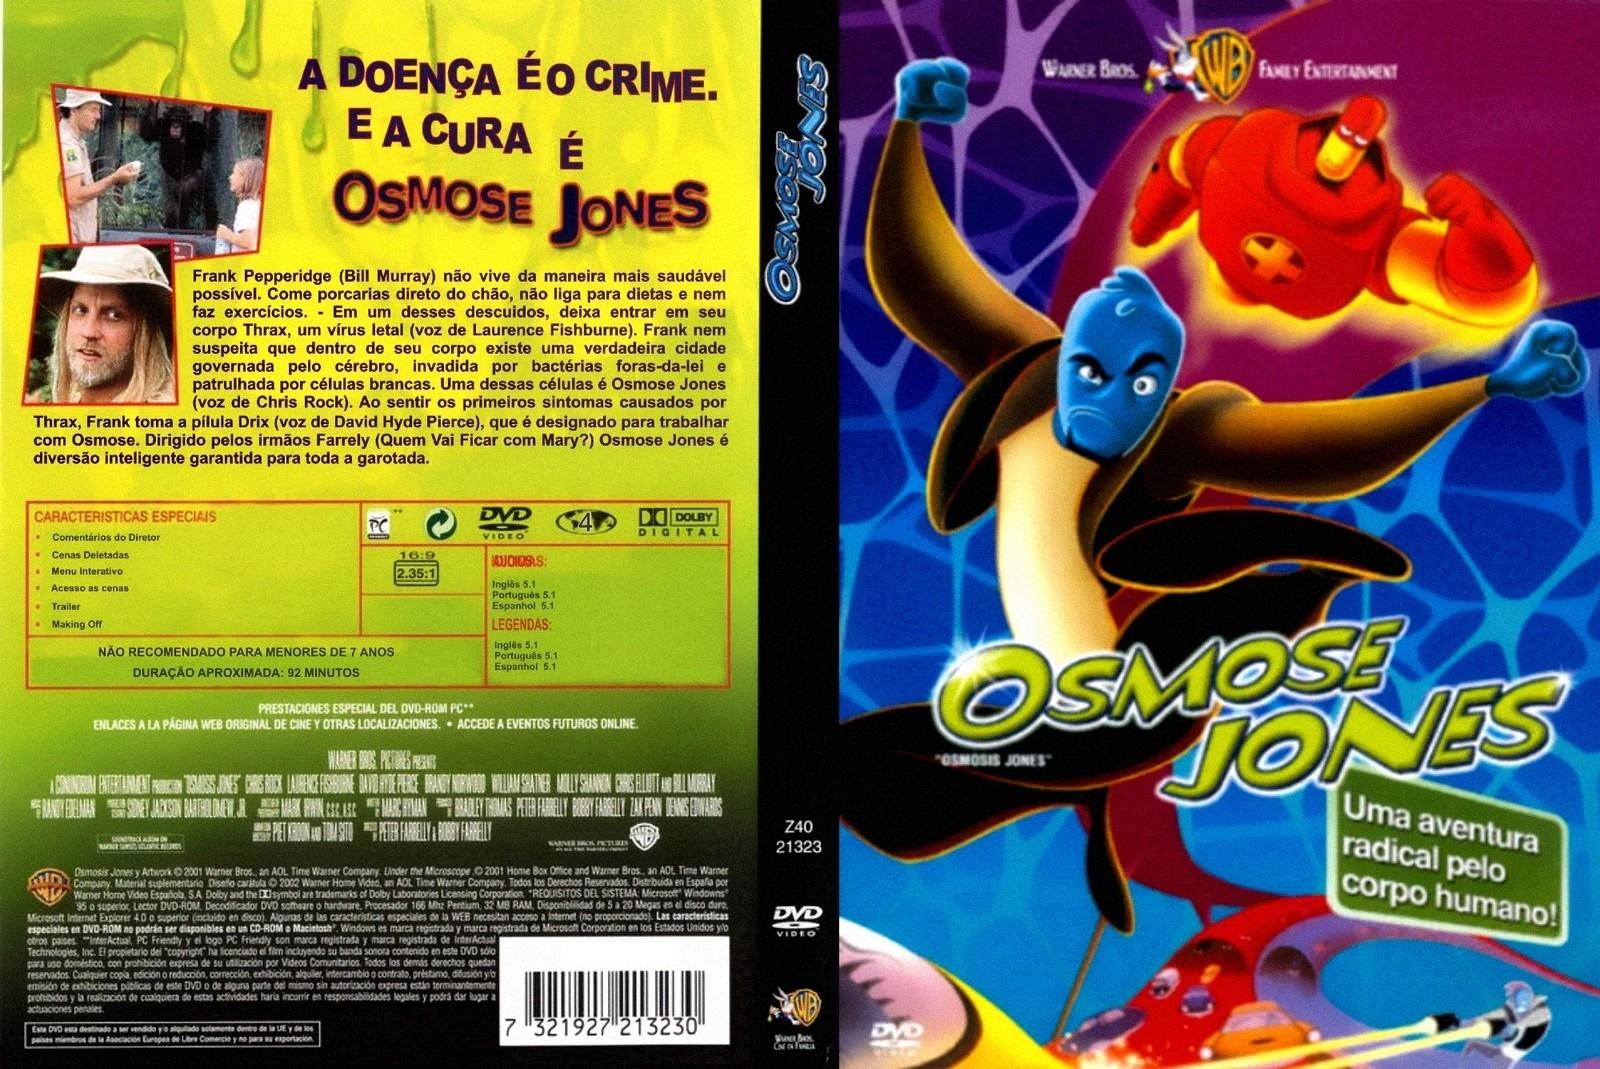 osmose jones filme